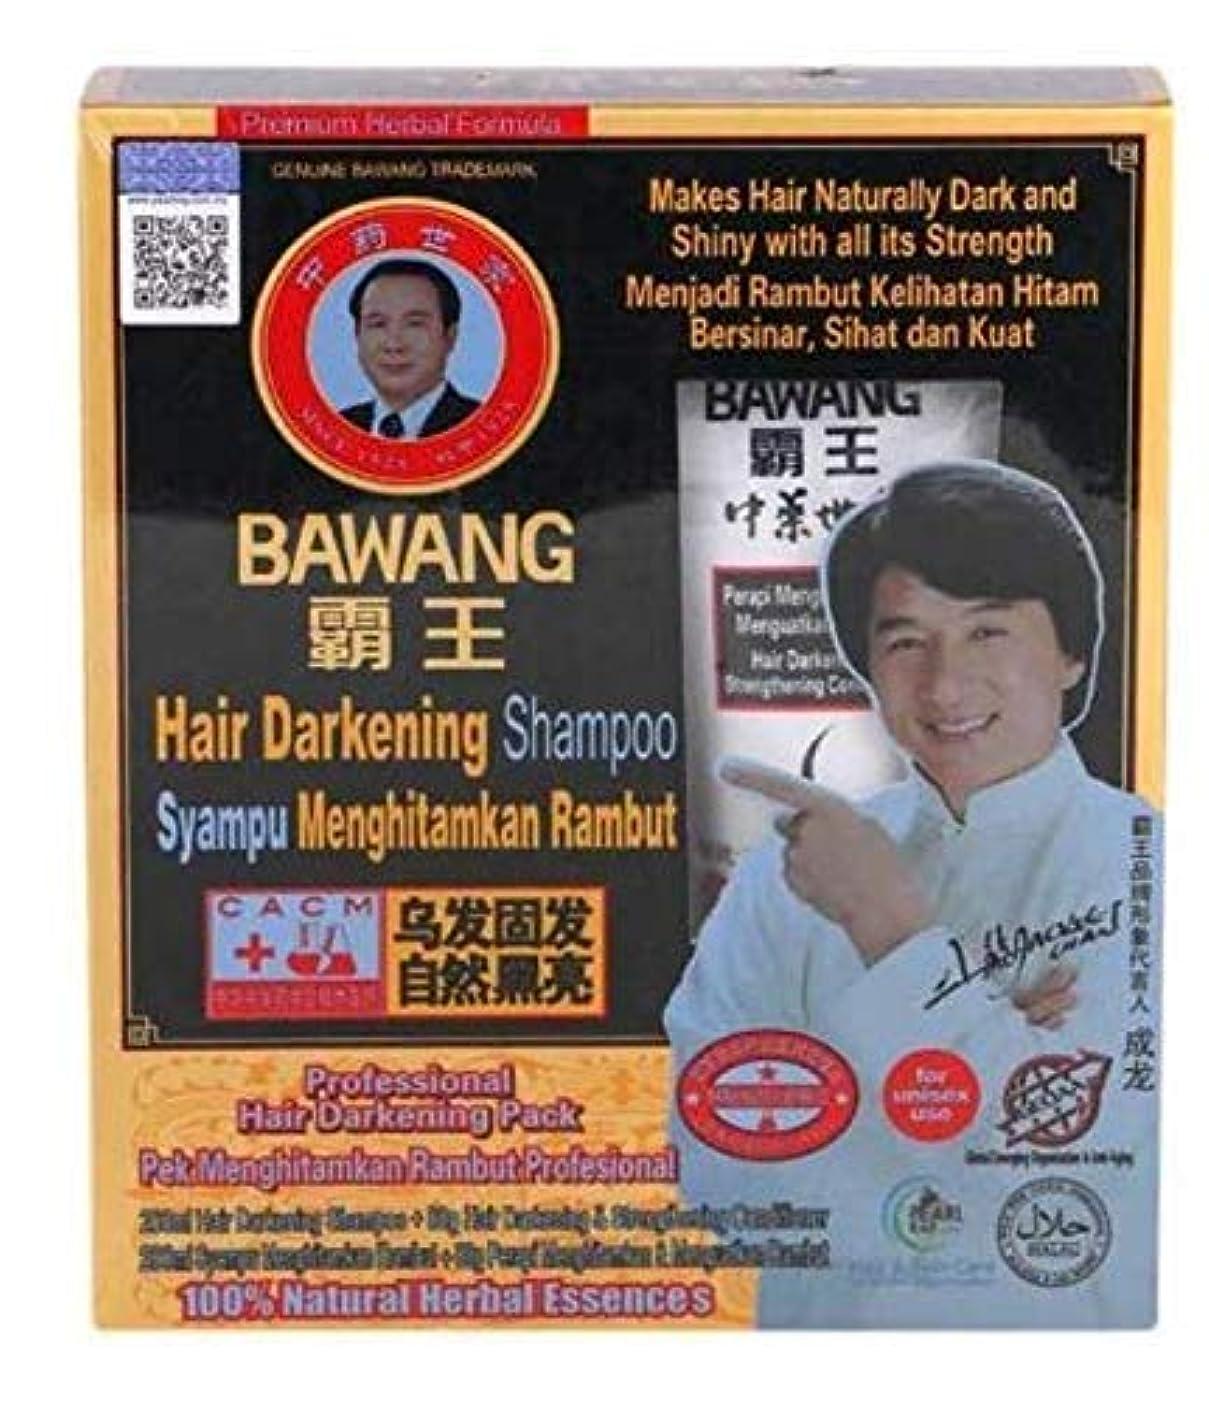 極端な貸し手簡潔なBAWANG プロフェッショナル髪黒い袋200ミリリットル+ 80グラム